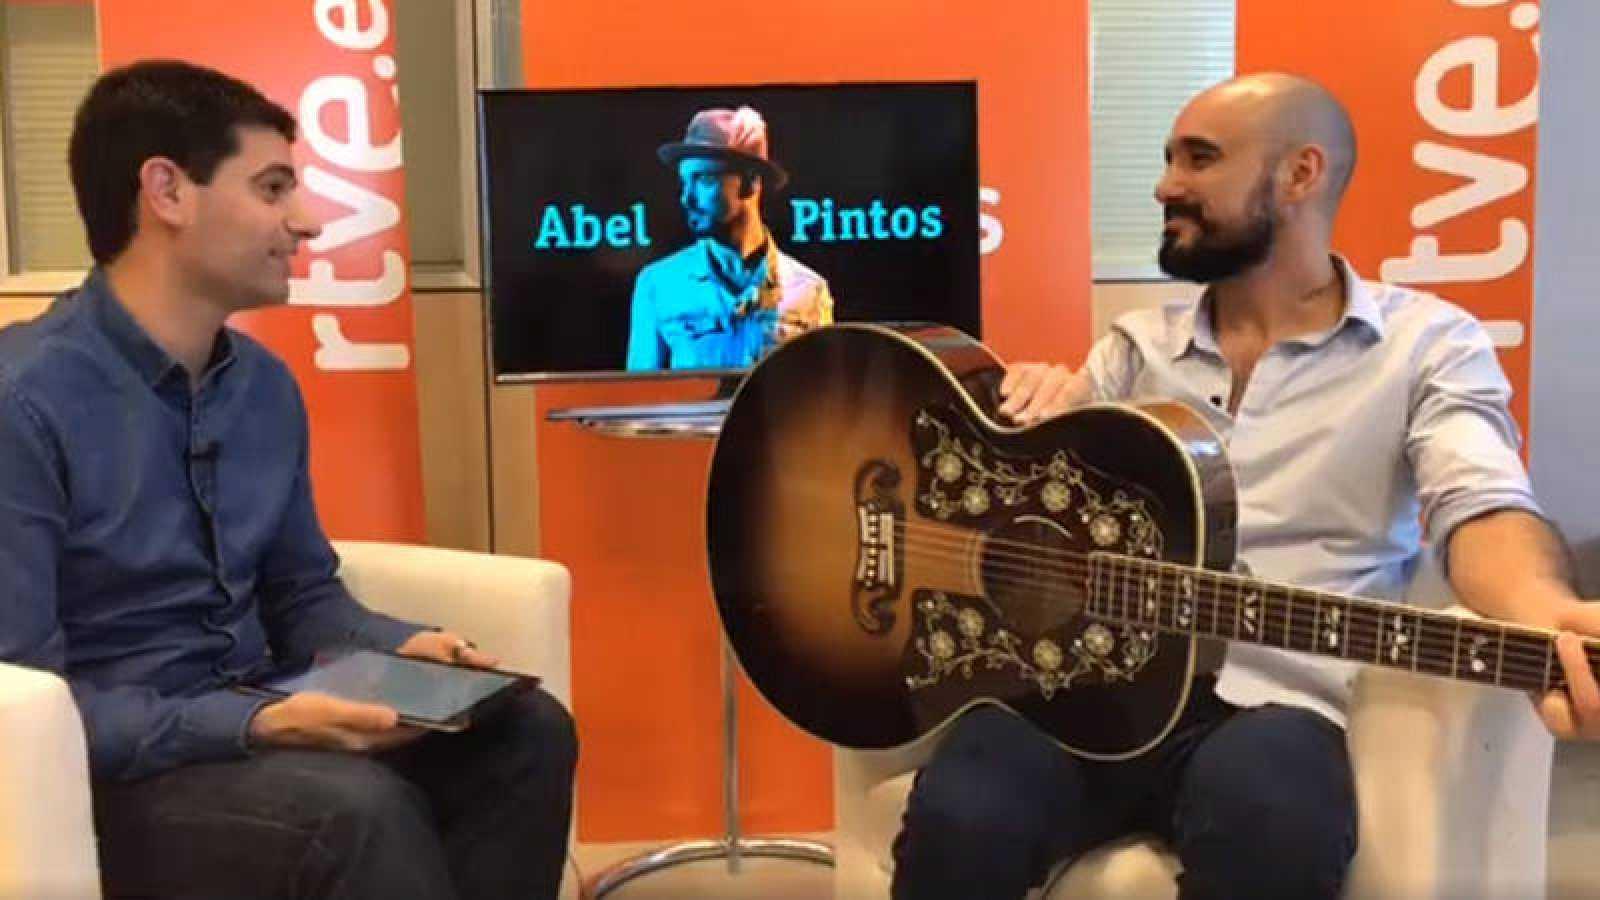 Rubén Vidal, de RTVE.es, y el cantante y compositor argentino Abel Pintos.